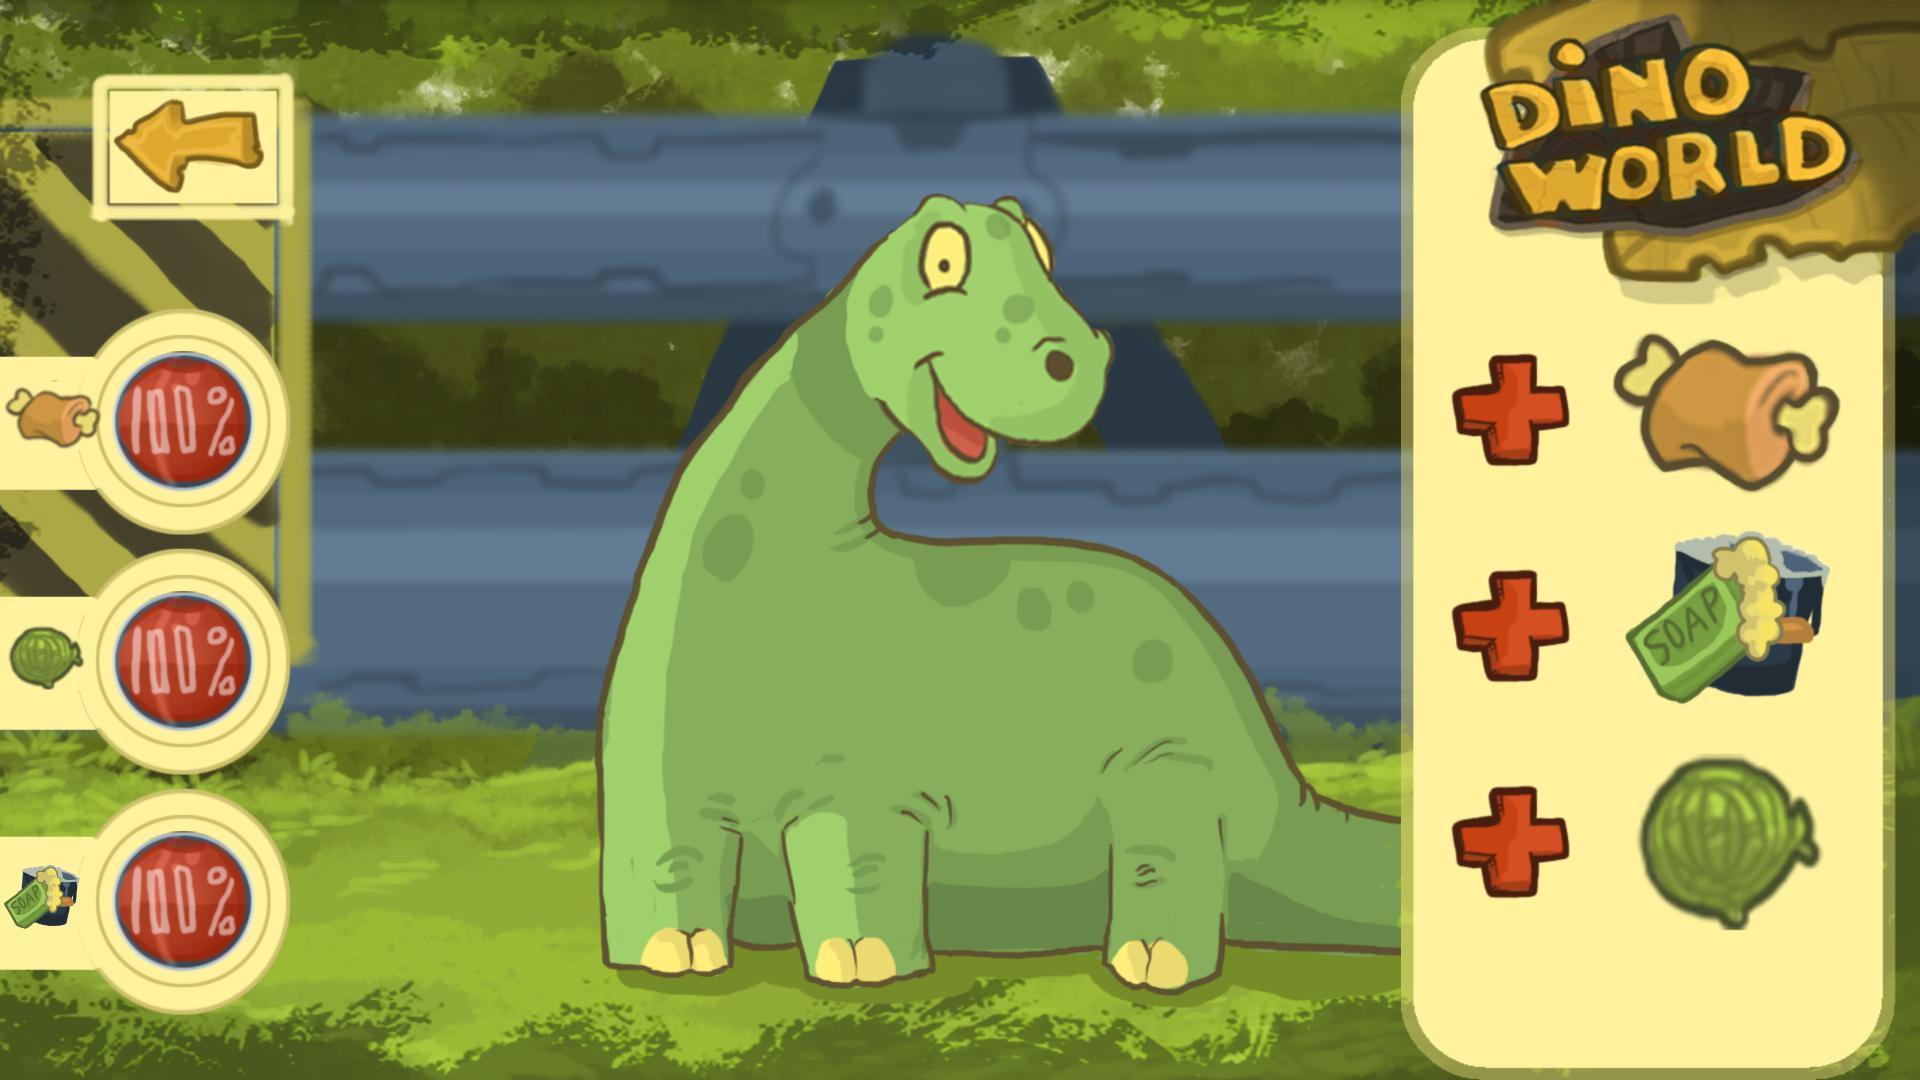 恐龙世界游戏 游戏截图1